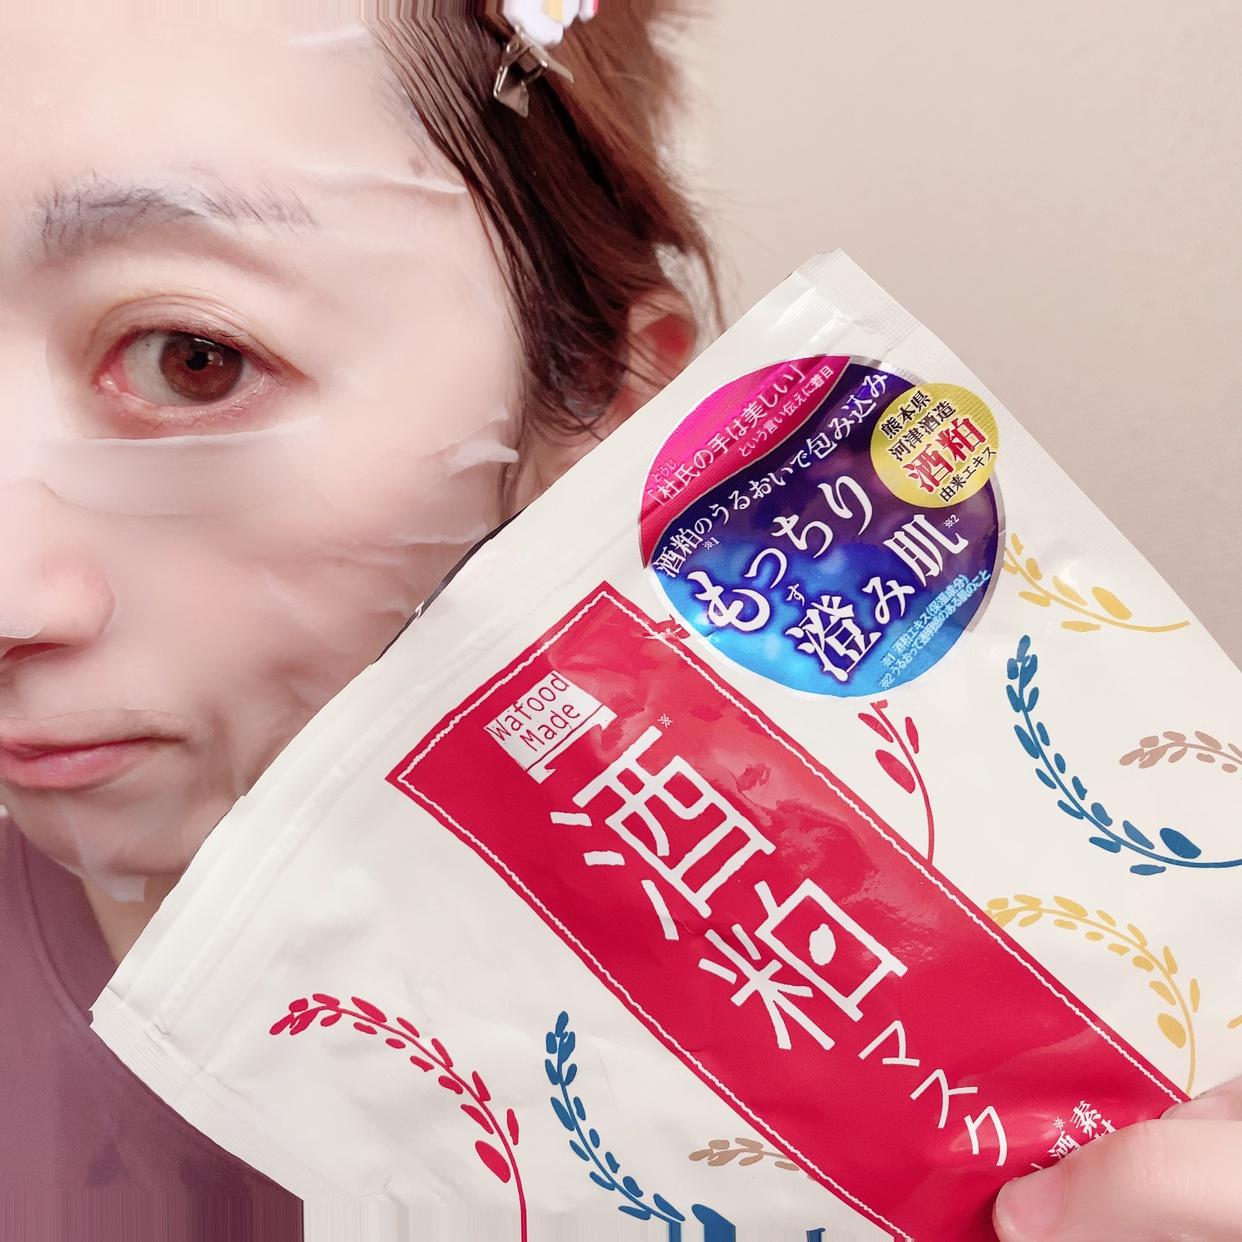 Wafood Made(ワフードメイド) SKマスク (酒粕マスク)に関するエミリーさんの口コミ画像2